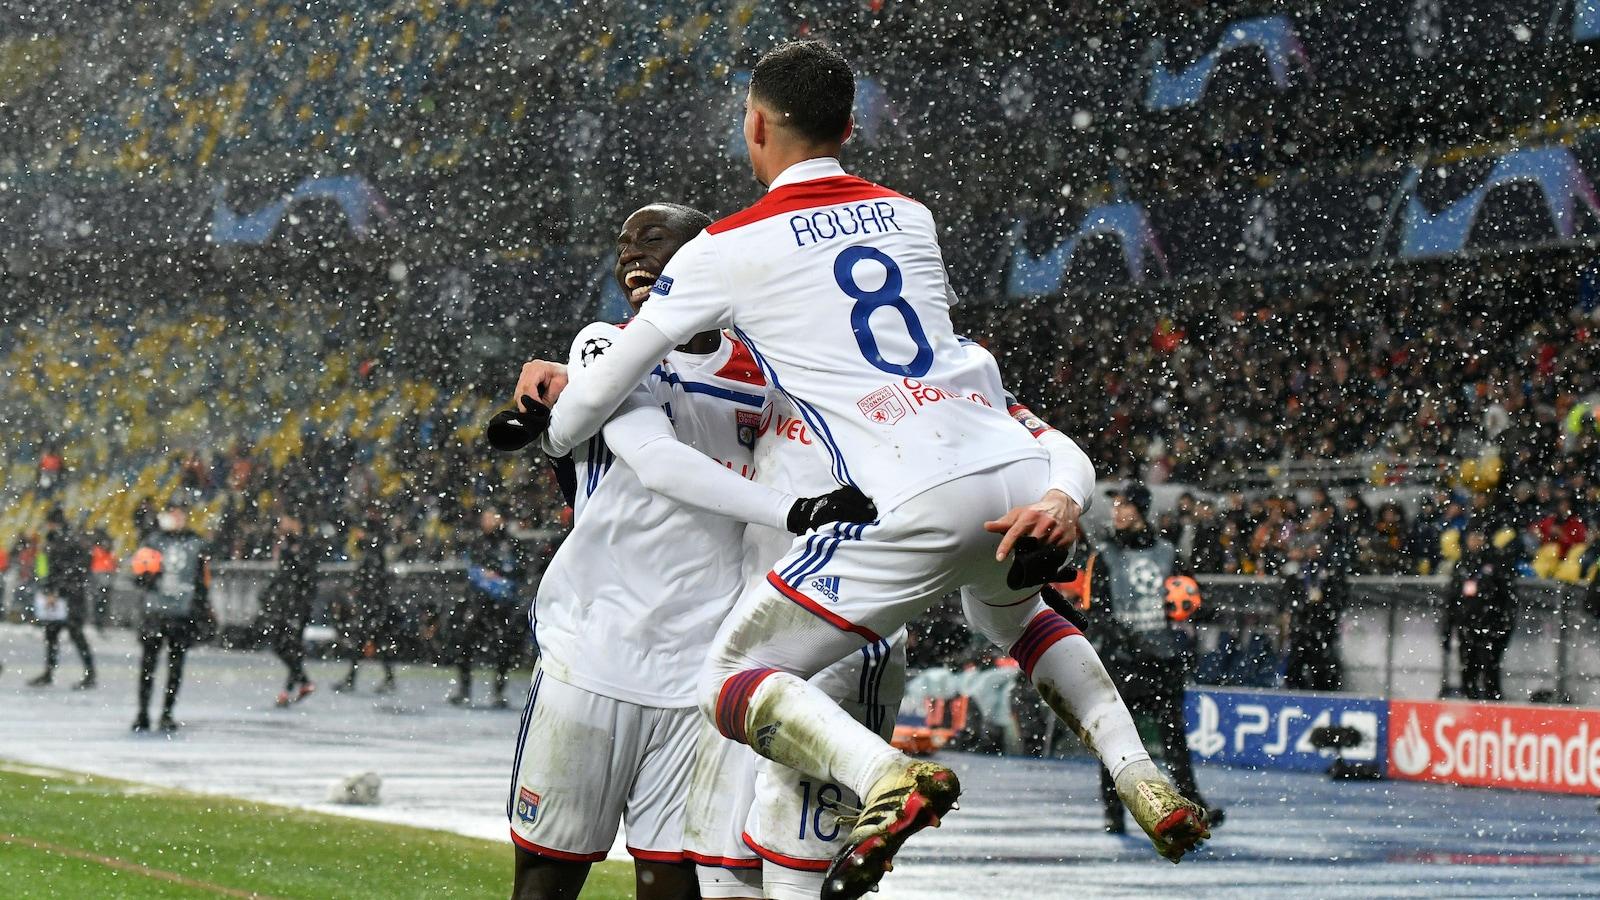 Les joueurs de l'Olympique Lyonnais célèbrent un but contre le club de Shakhtar Donetsk en Ligue des champions.